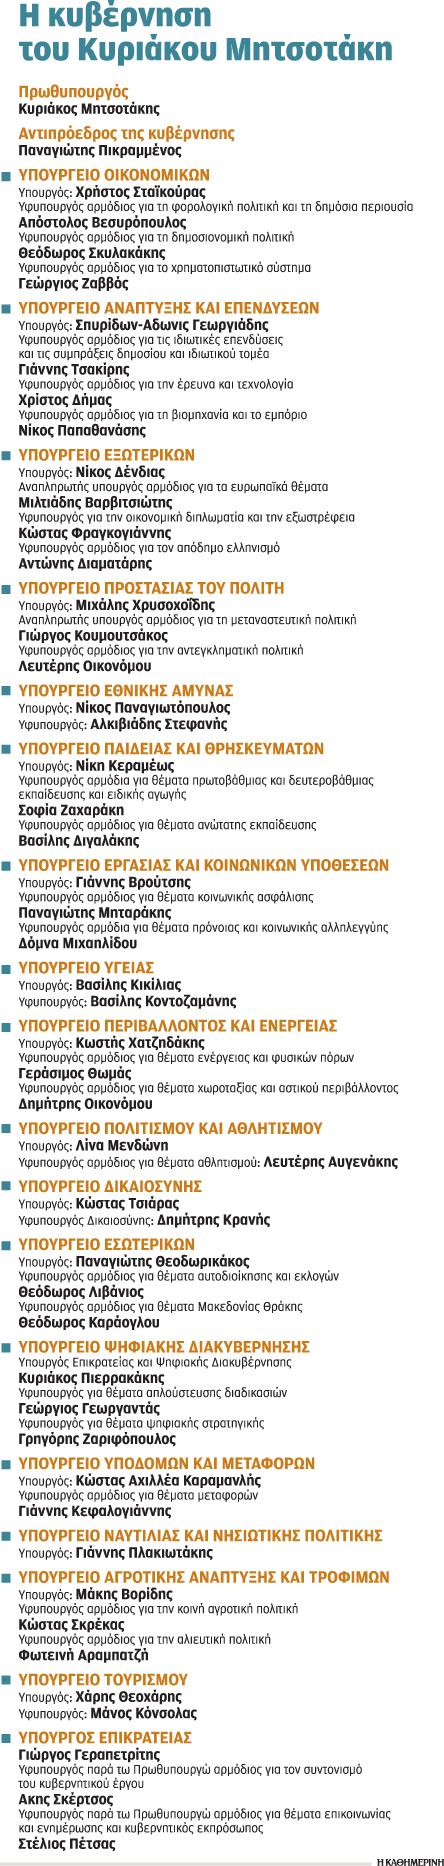 kyvernisi-empeirias-dieyrynsis-technokraton0